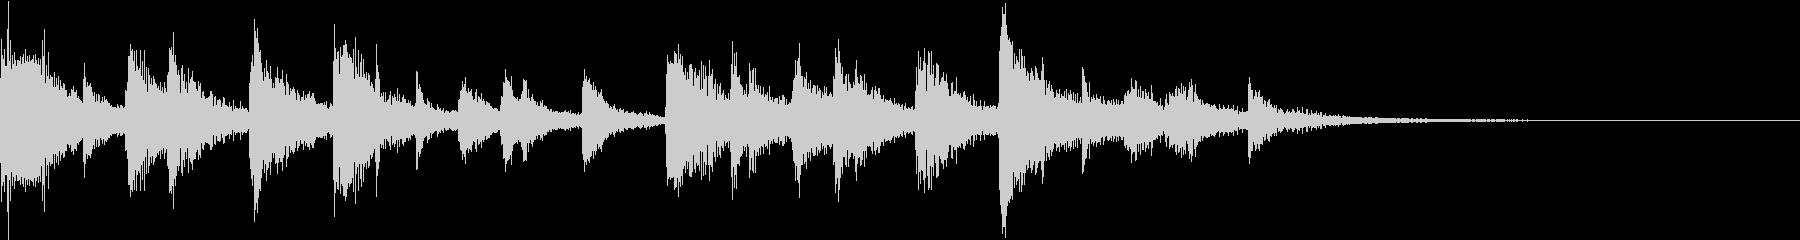 ギターとシンセ 短いサウンドロゴの未再生の波形